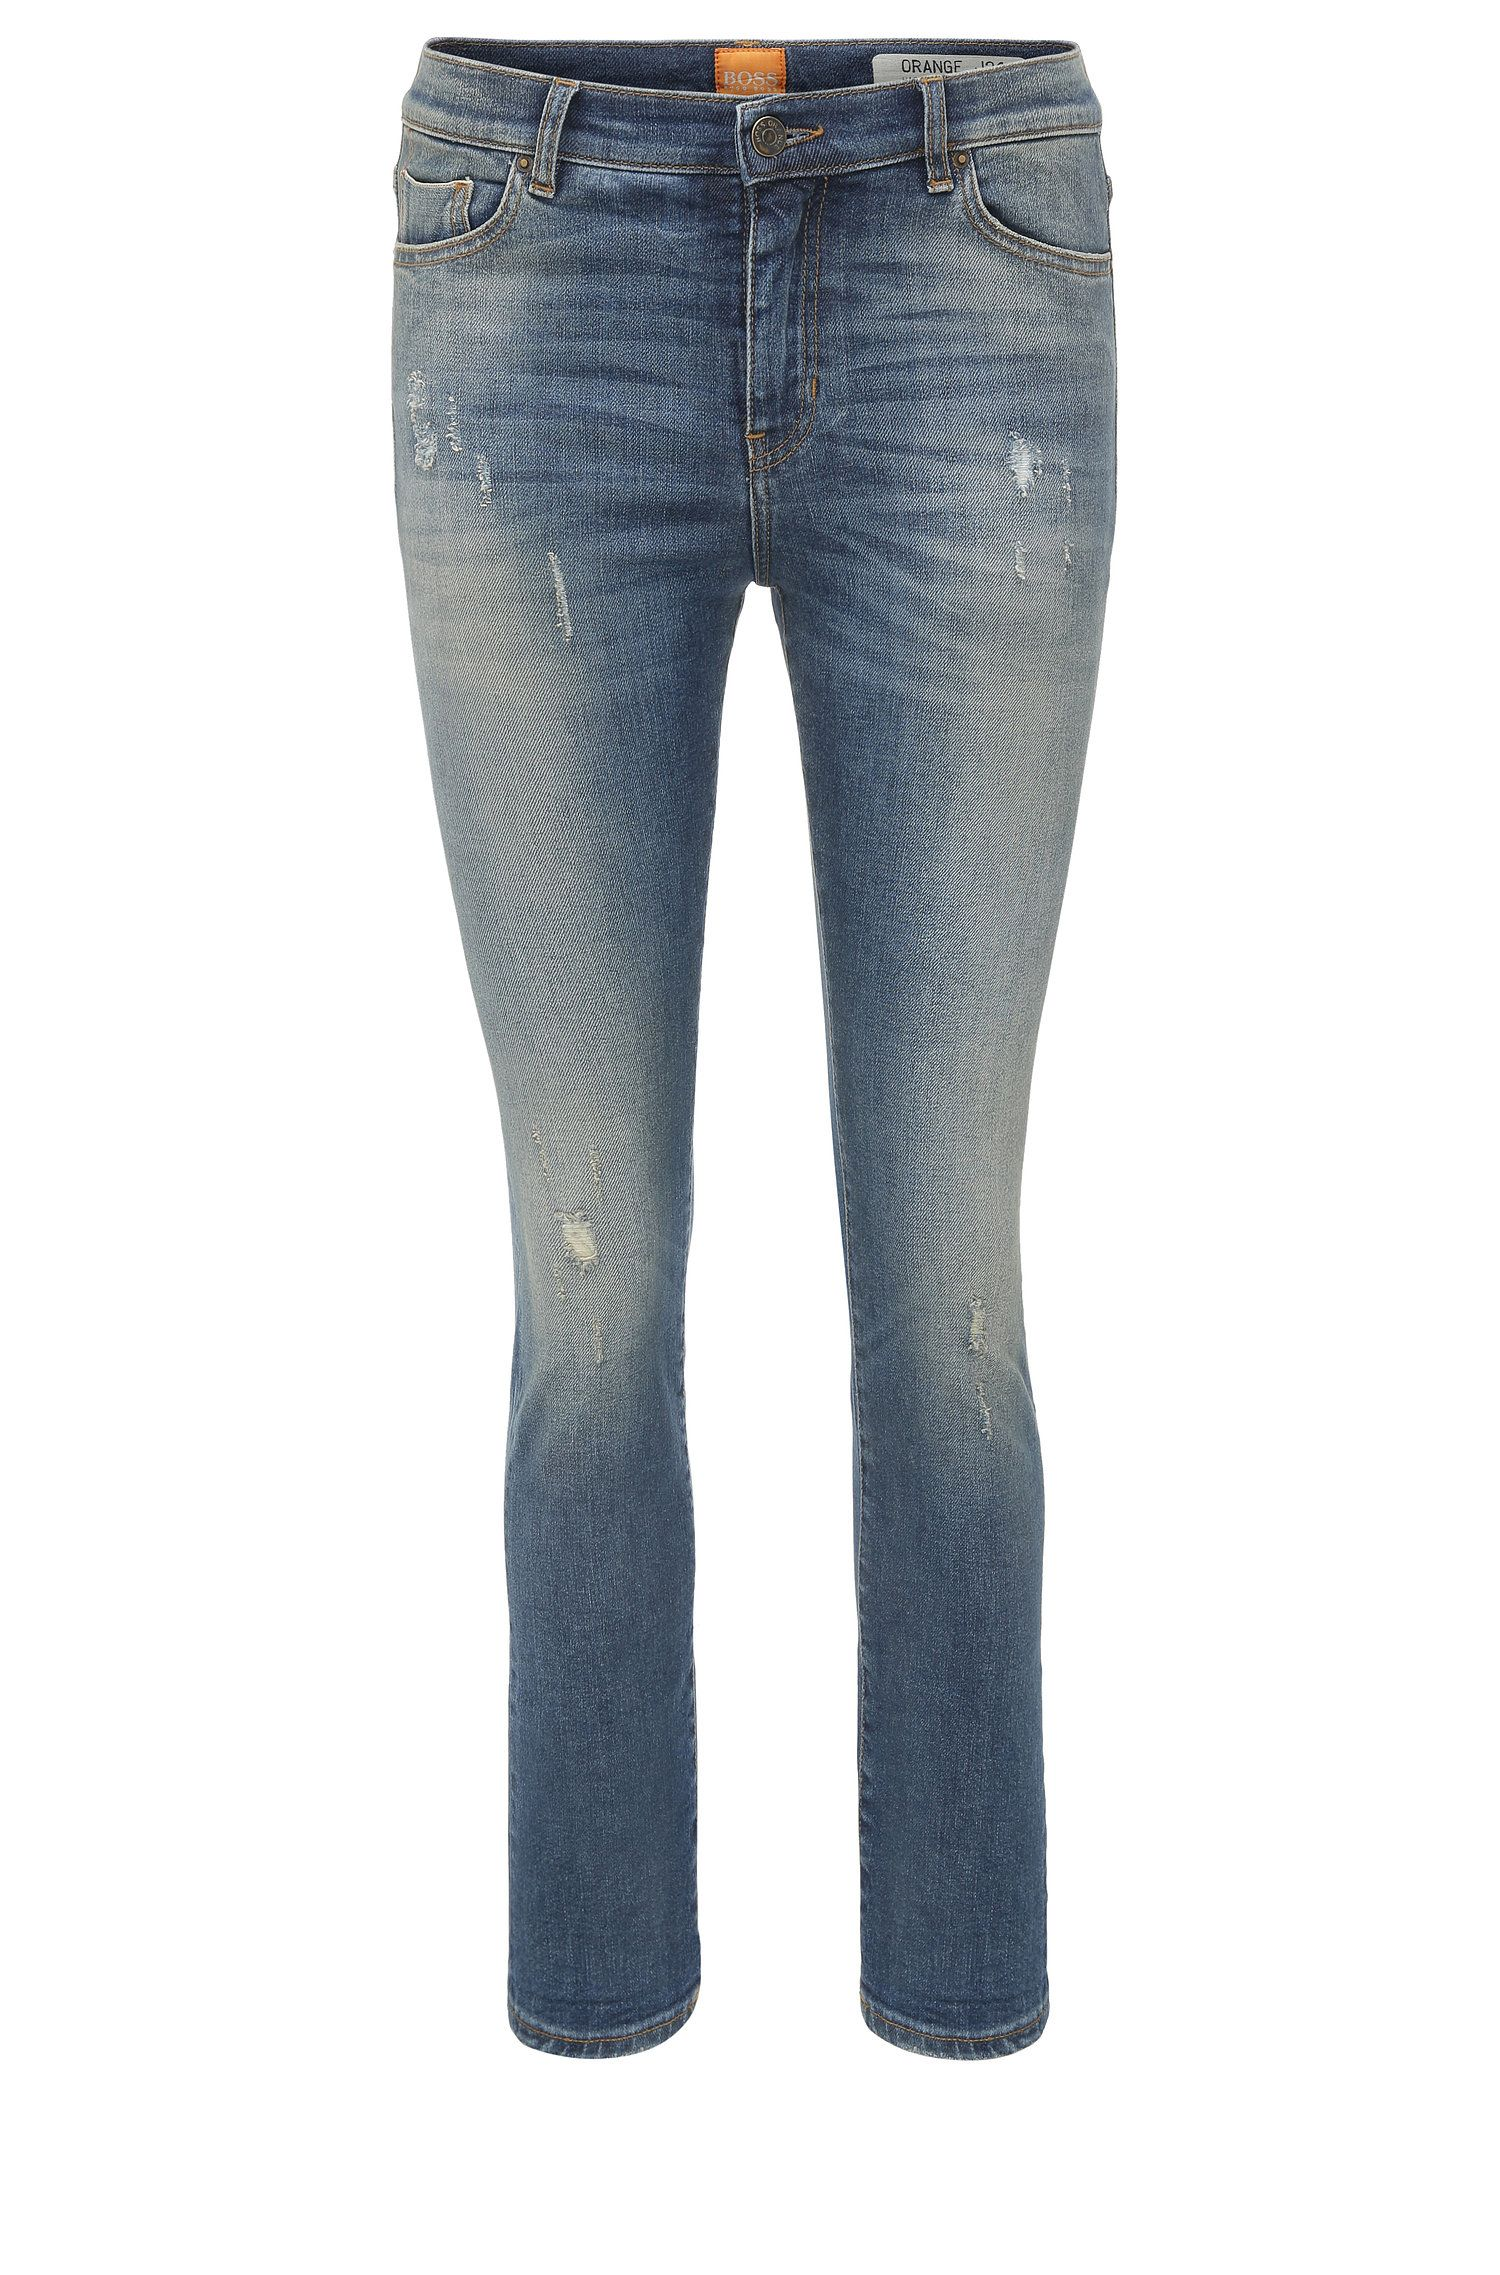 Jeans Slim Fit en coton mélangé extensible: «OrangeJ21»